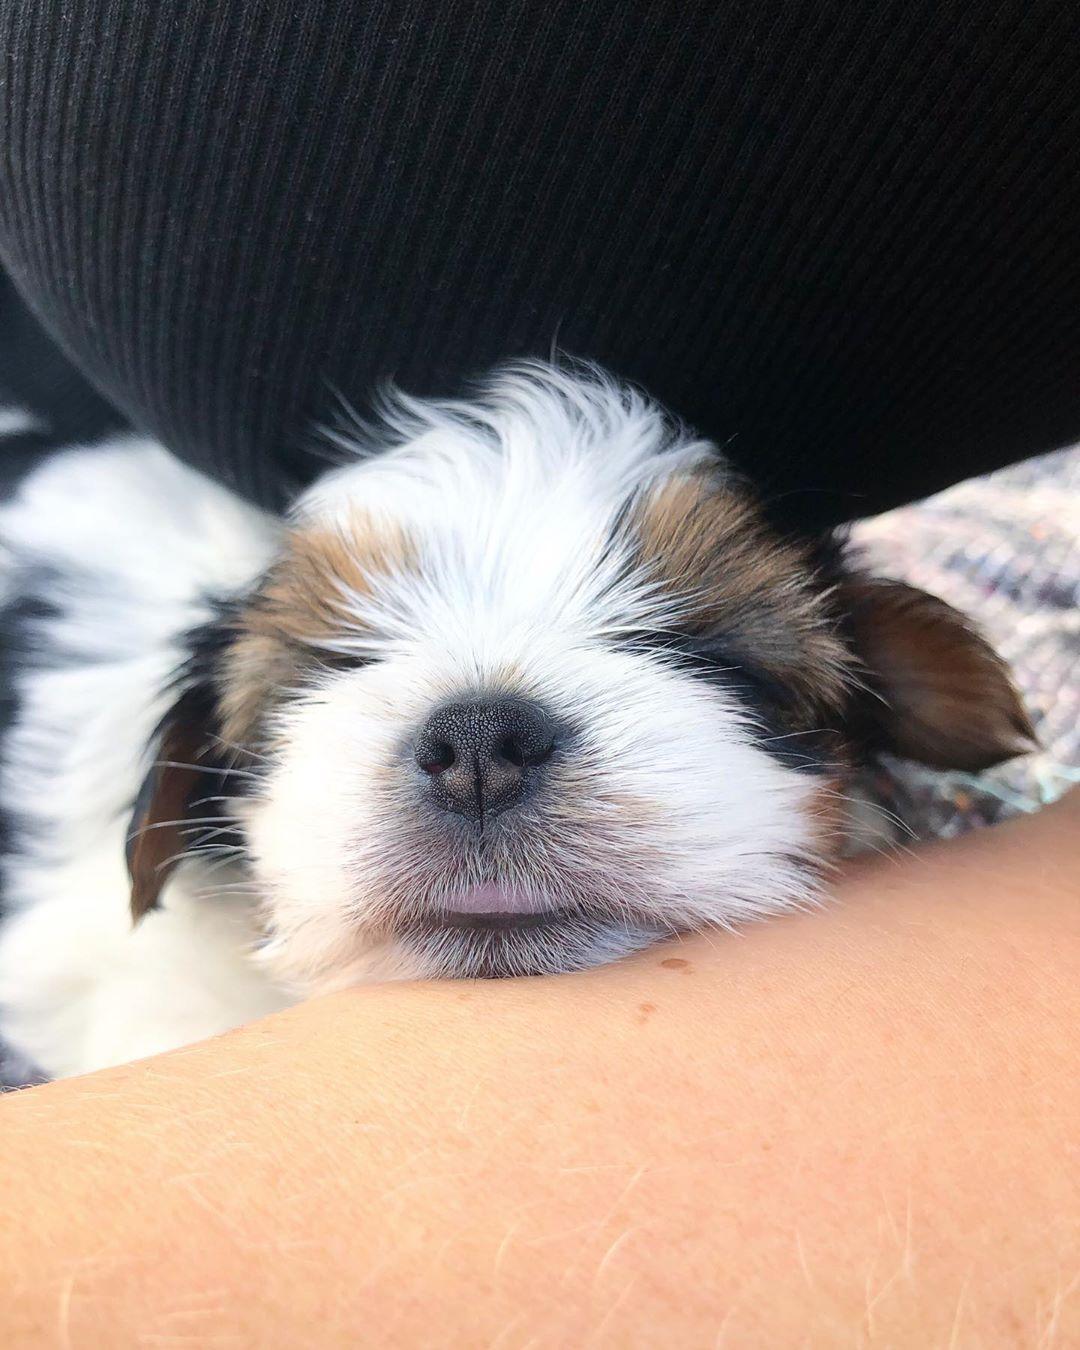 Biewer Biewerterrier Bieweryorkie Biewerpuppy Bieweryorkshireterrier Puppy Puppylove Dog Dogs Pets Dogsofinstag Biewer Yorkie Dogs With Jobs Puppies